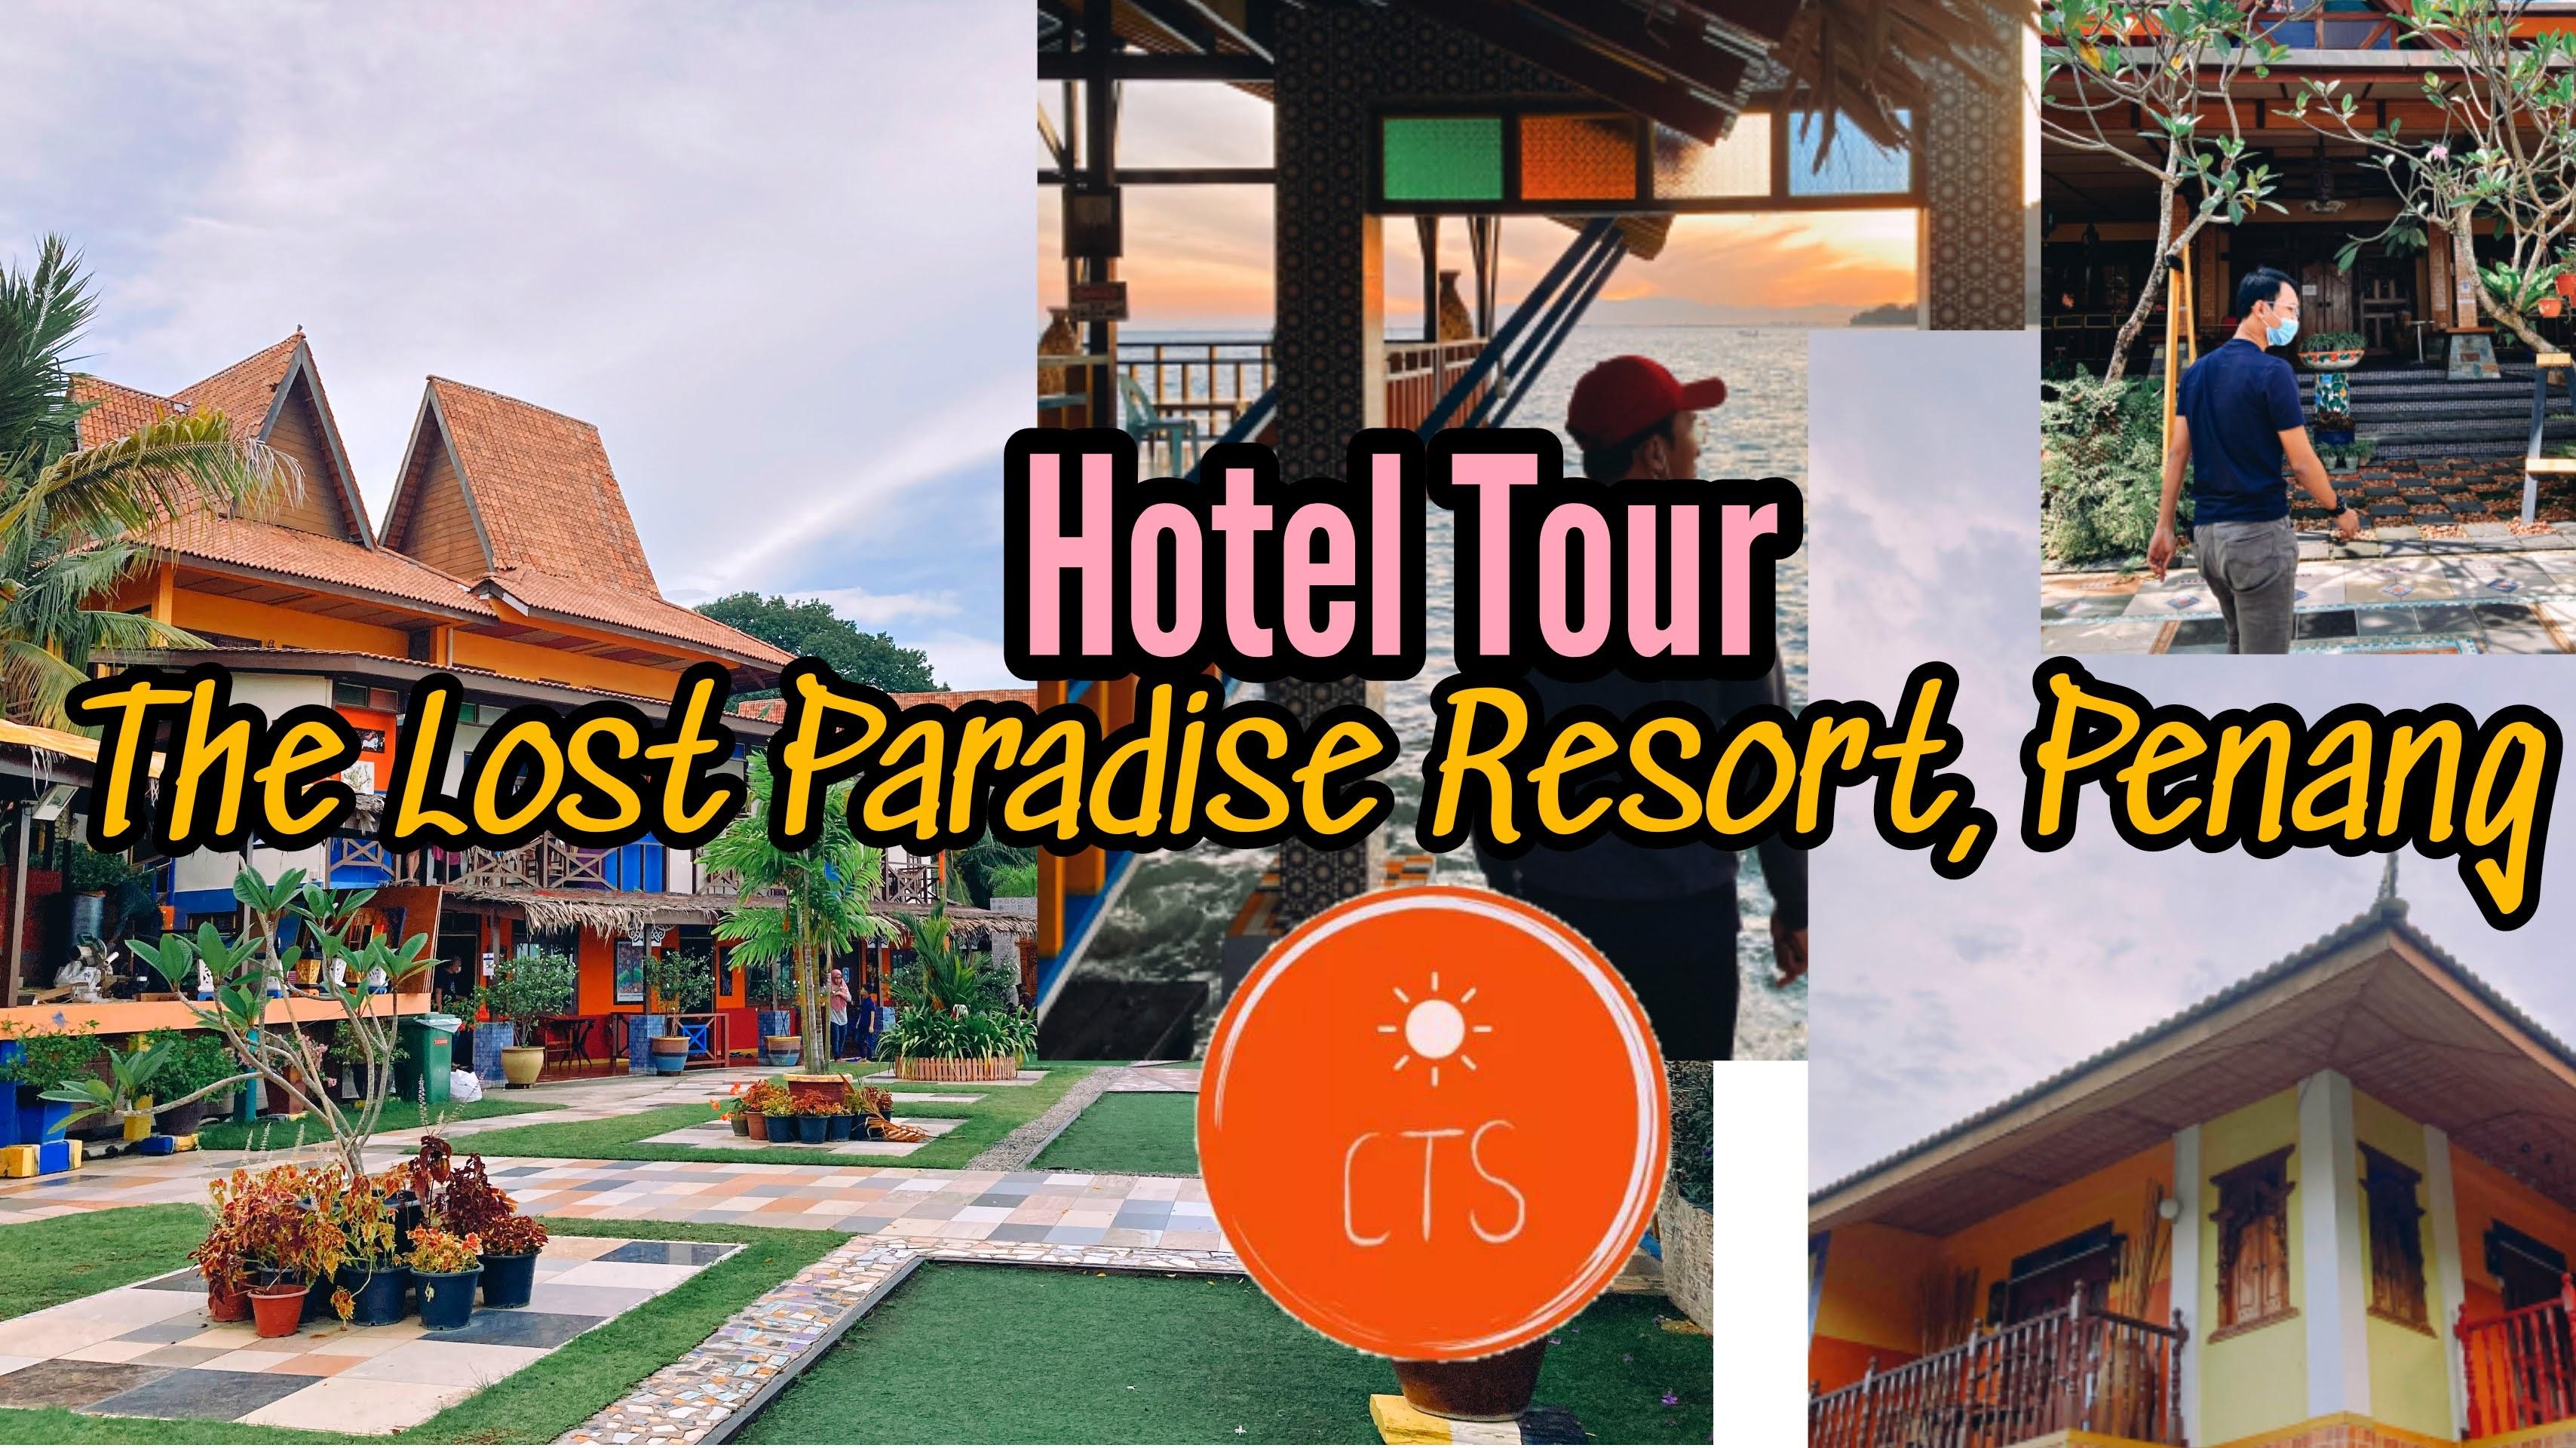 Hotel Tour #11 : The Lost Paradise Resort, Penang | Pengalaman Seperti Berada Di Bali | HanaKimi Anniversary Roadtrip 2020!